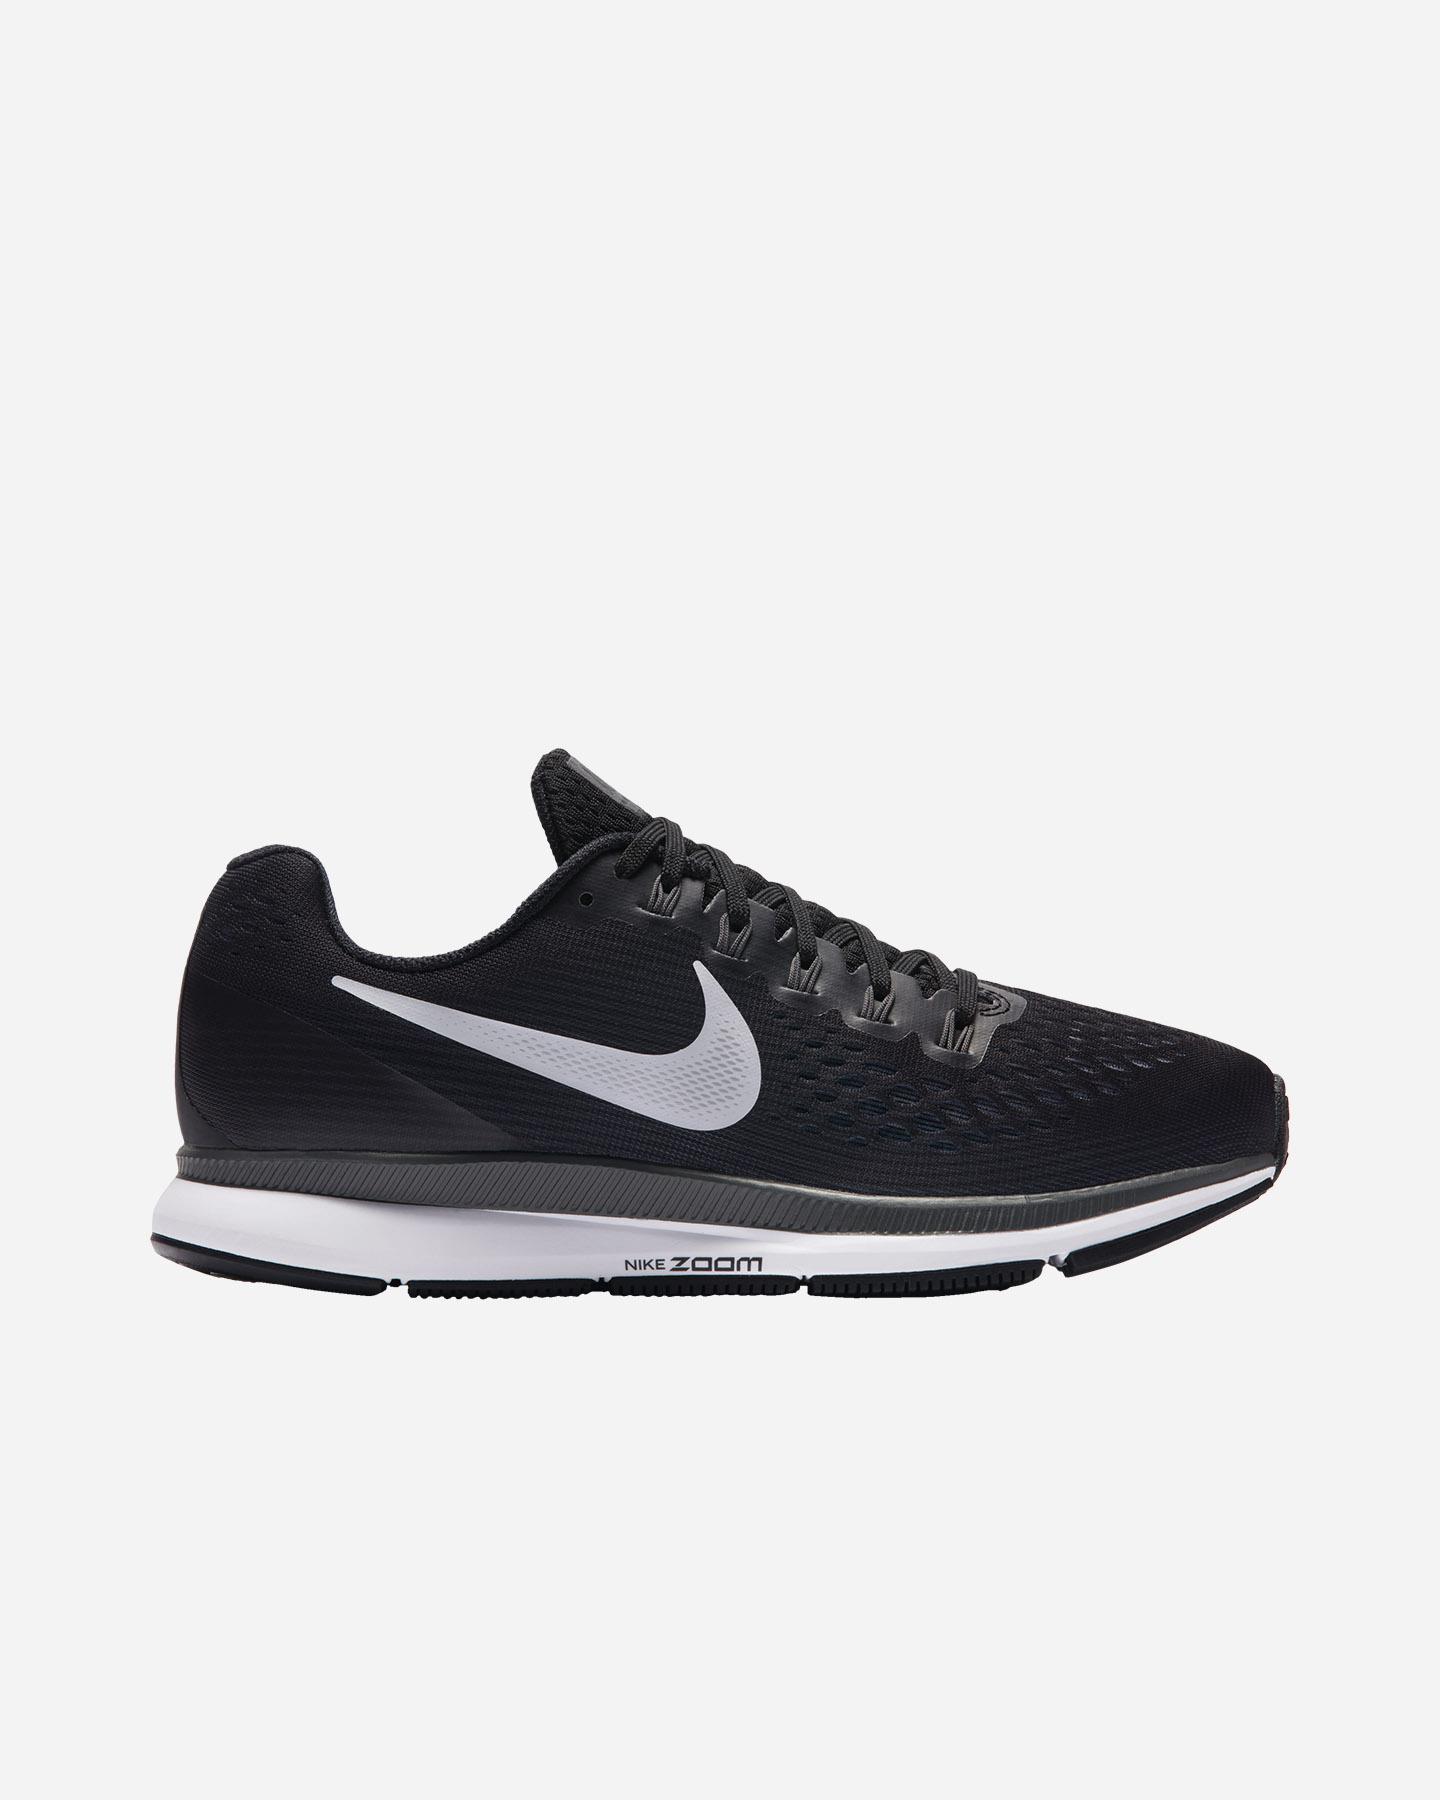 2nike scarpe pegasus running